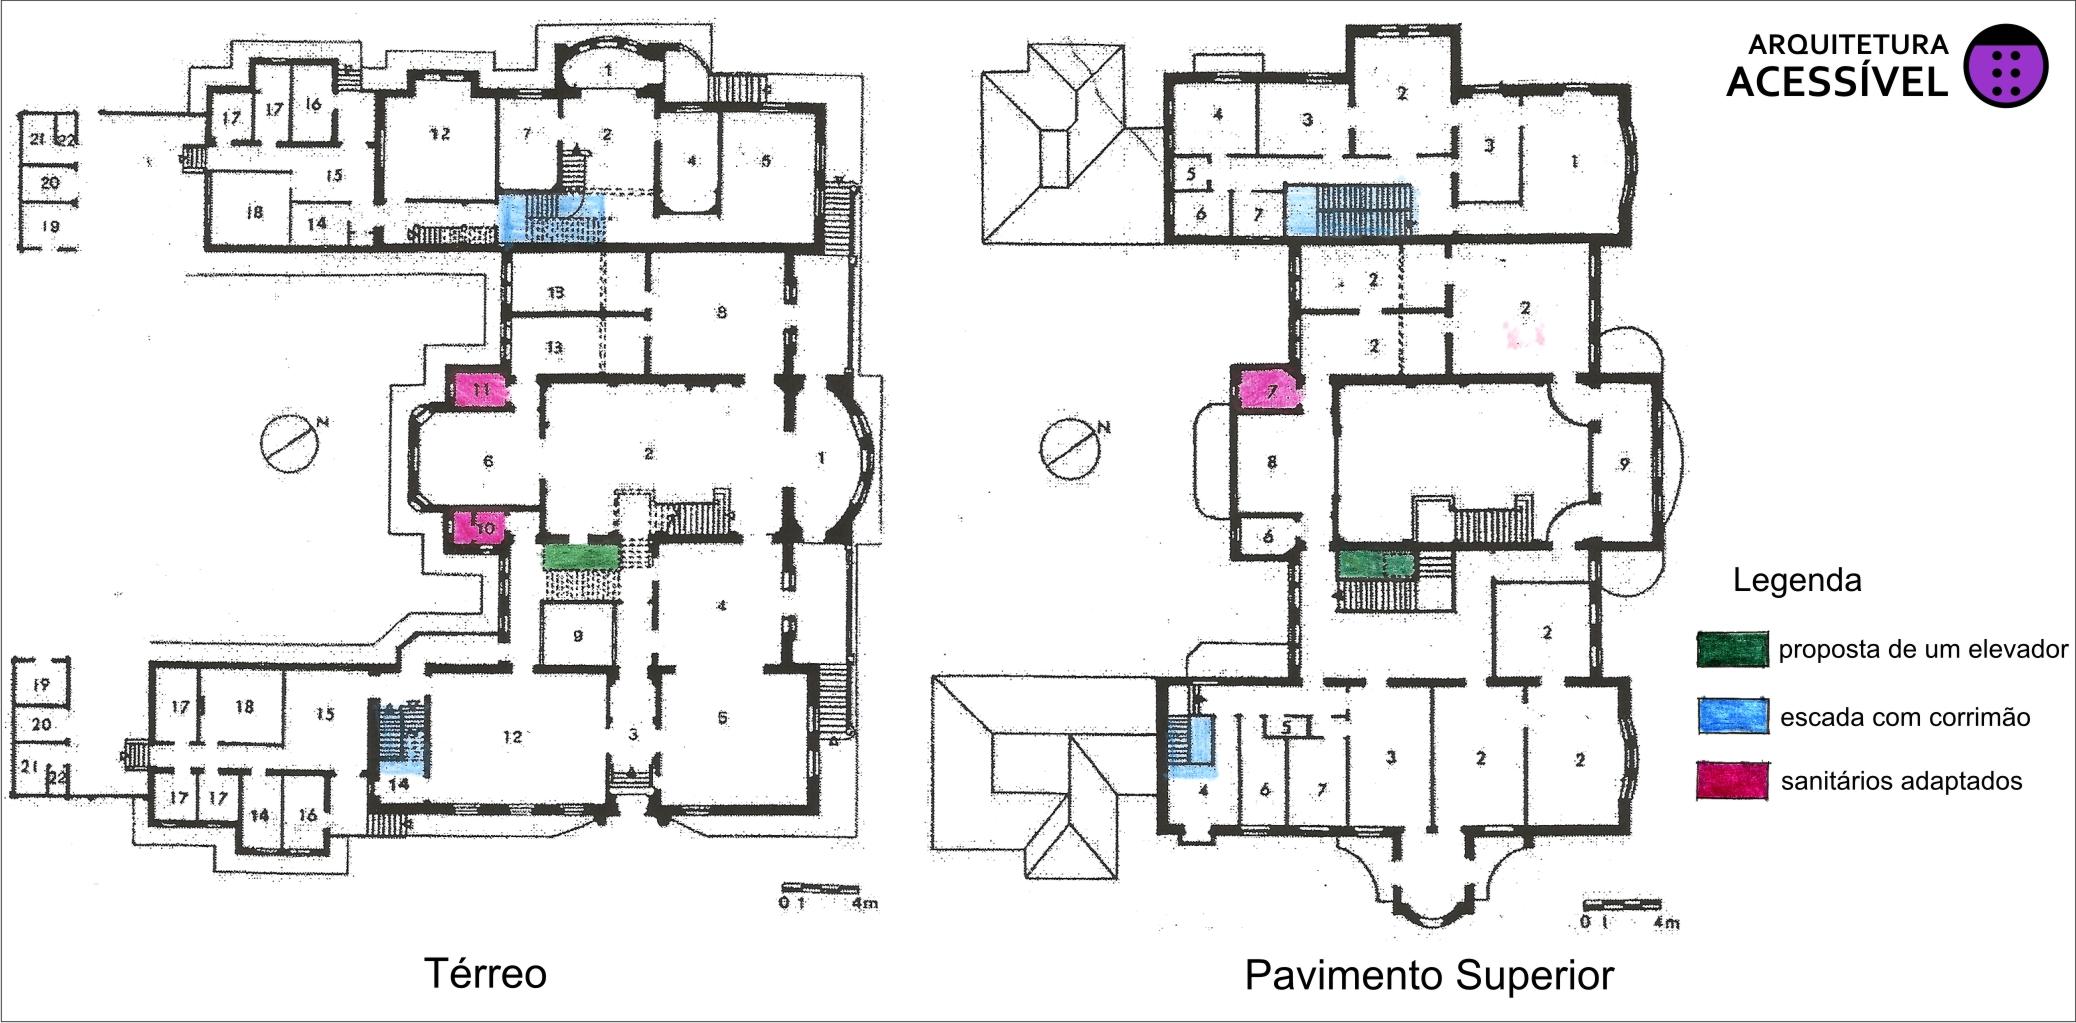 planta do edifício da faculdade de arquitetura da usp vila penteado  #7B28A3 2076x1023 Banheiro Acessivel Planta Baixa